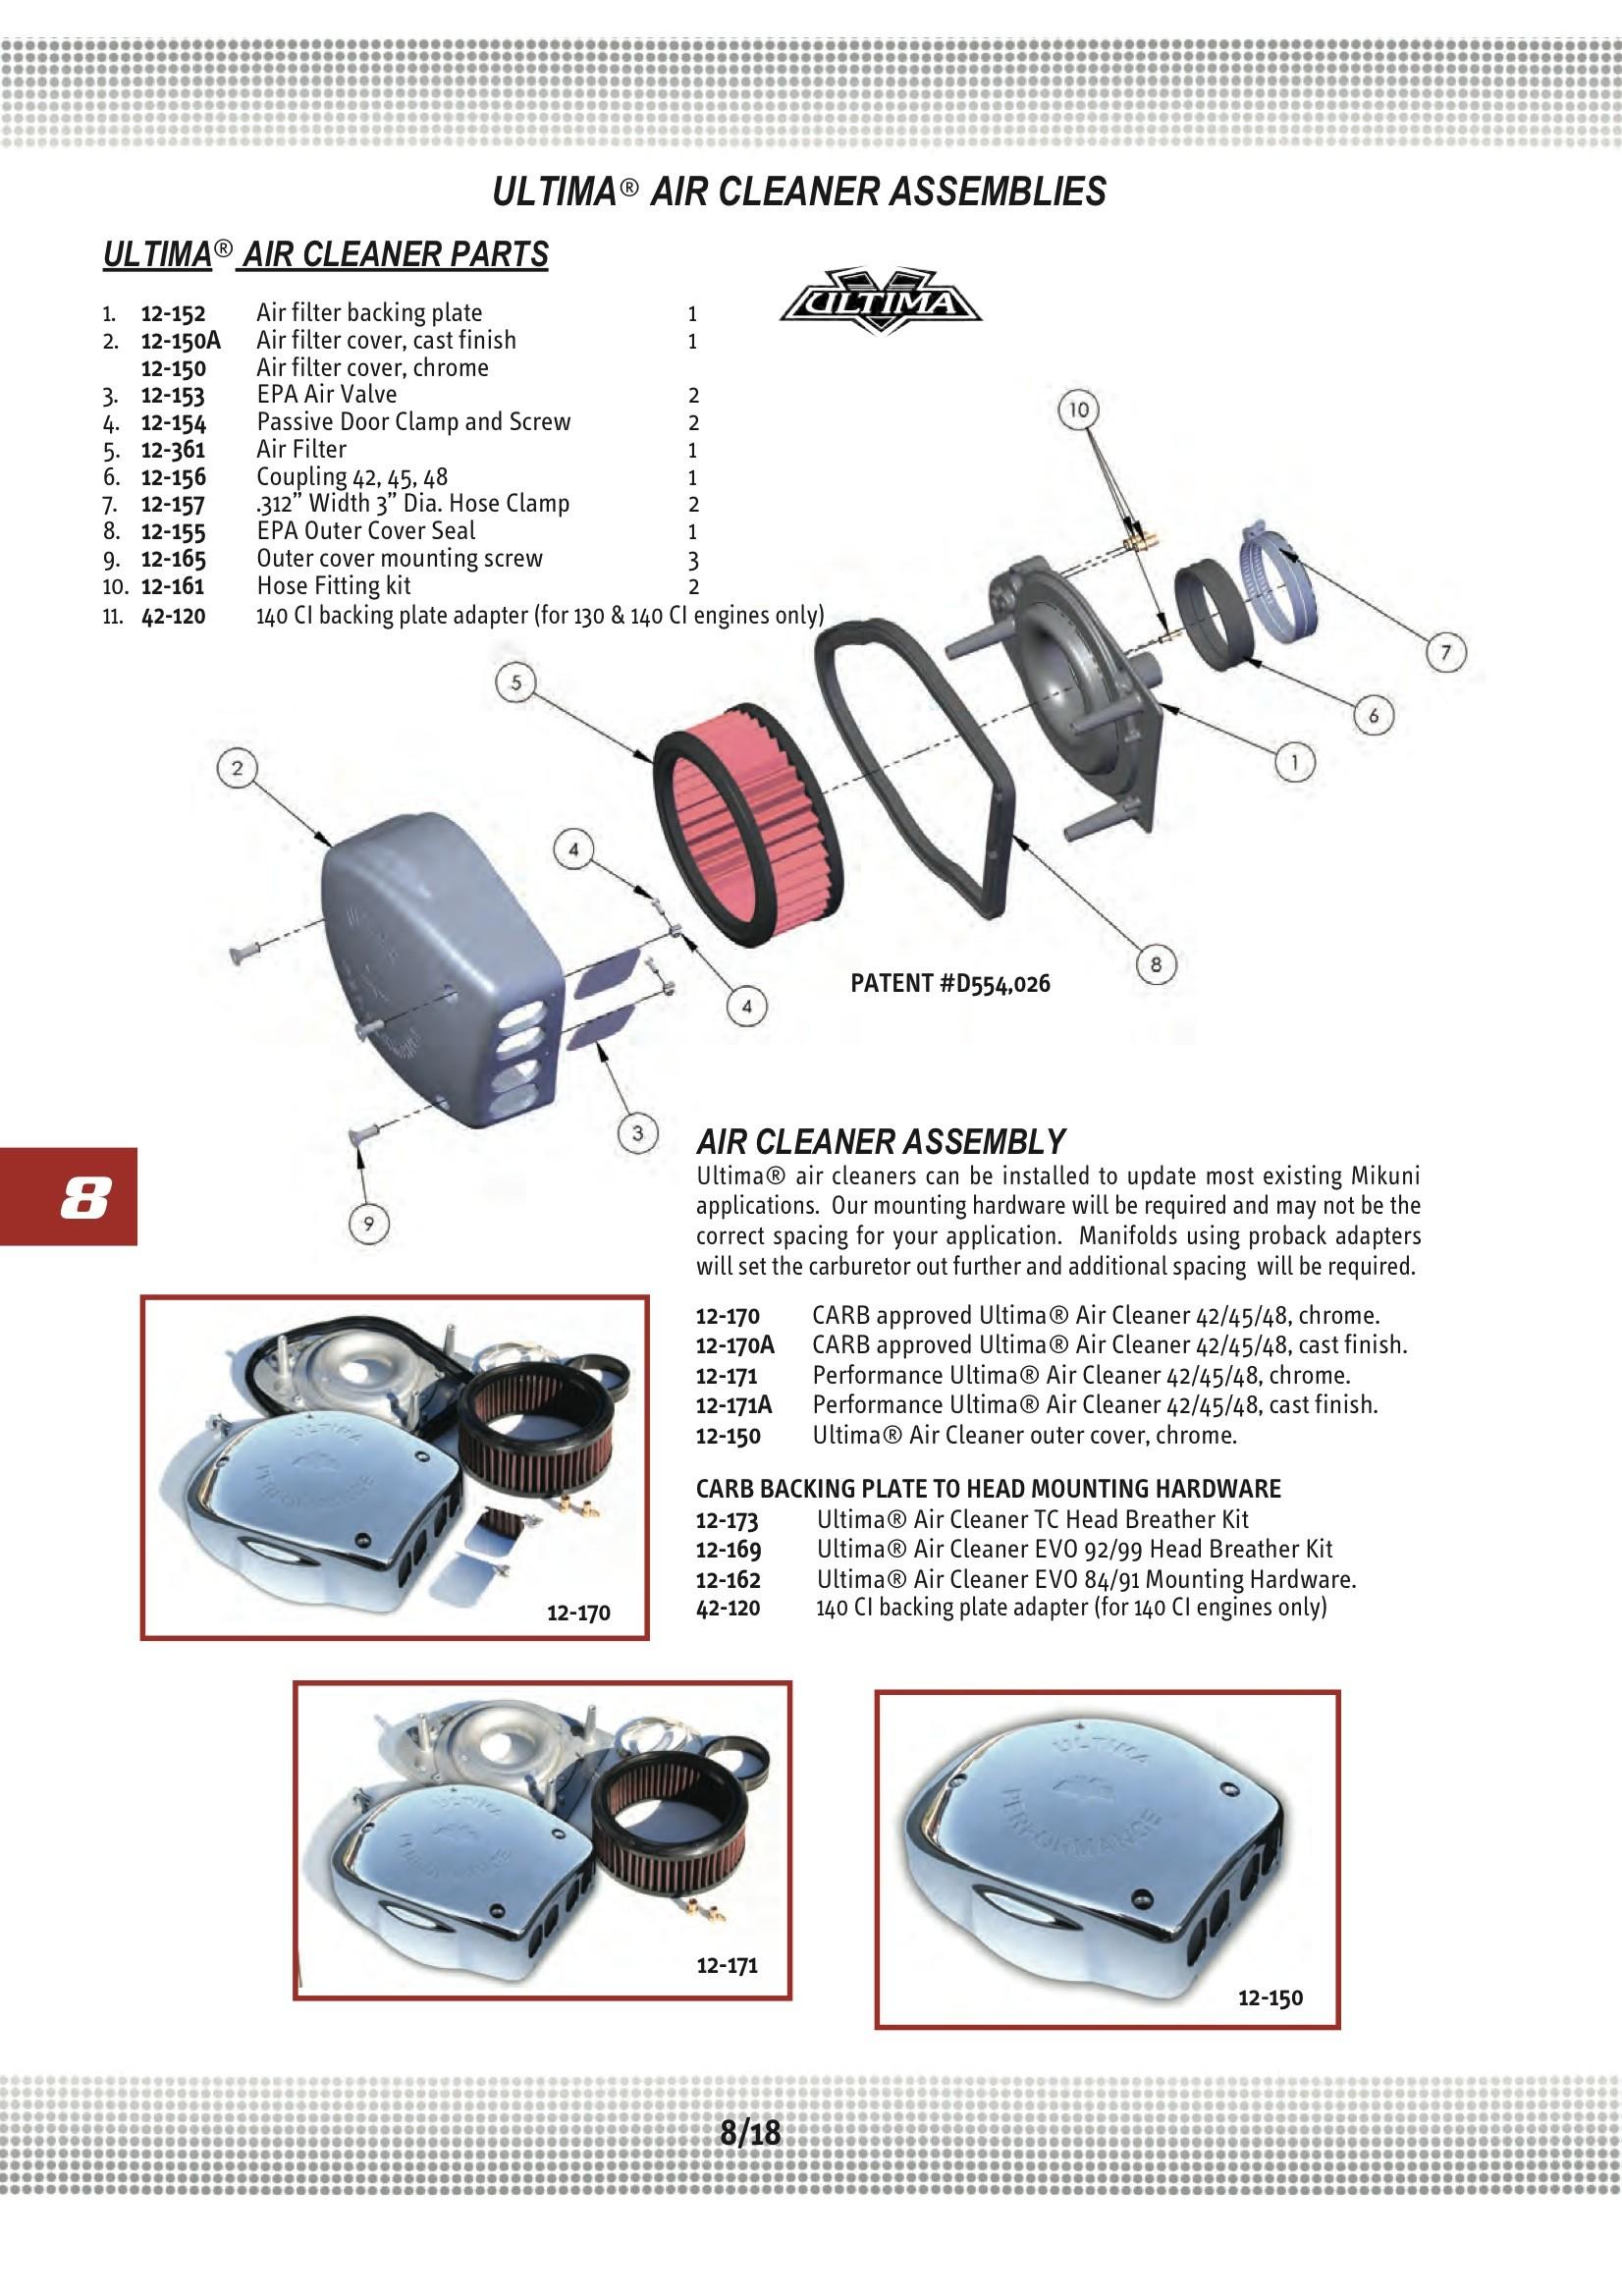 Harley Evolution Engine Diagram Ultima Backing Plate Tube 3 16 Od Midwest 12 161 Of Harley Evolution Engine Diagram